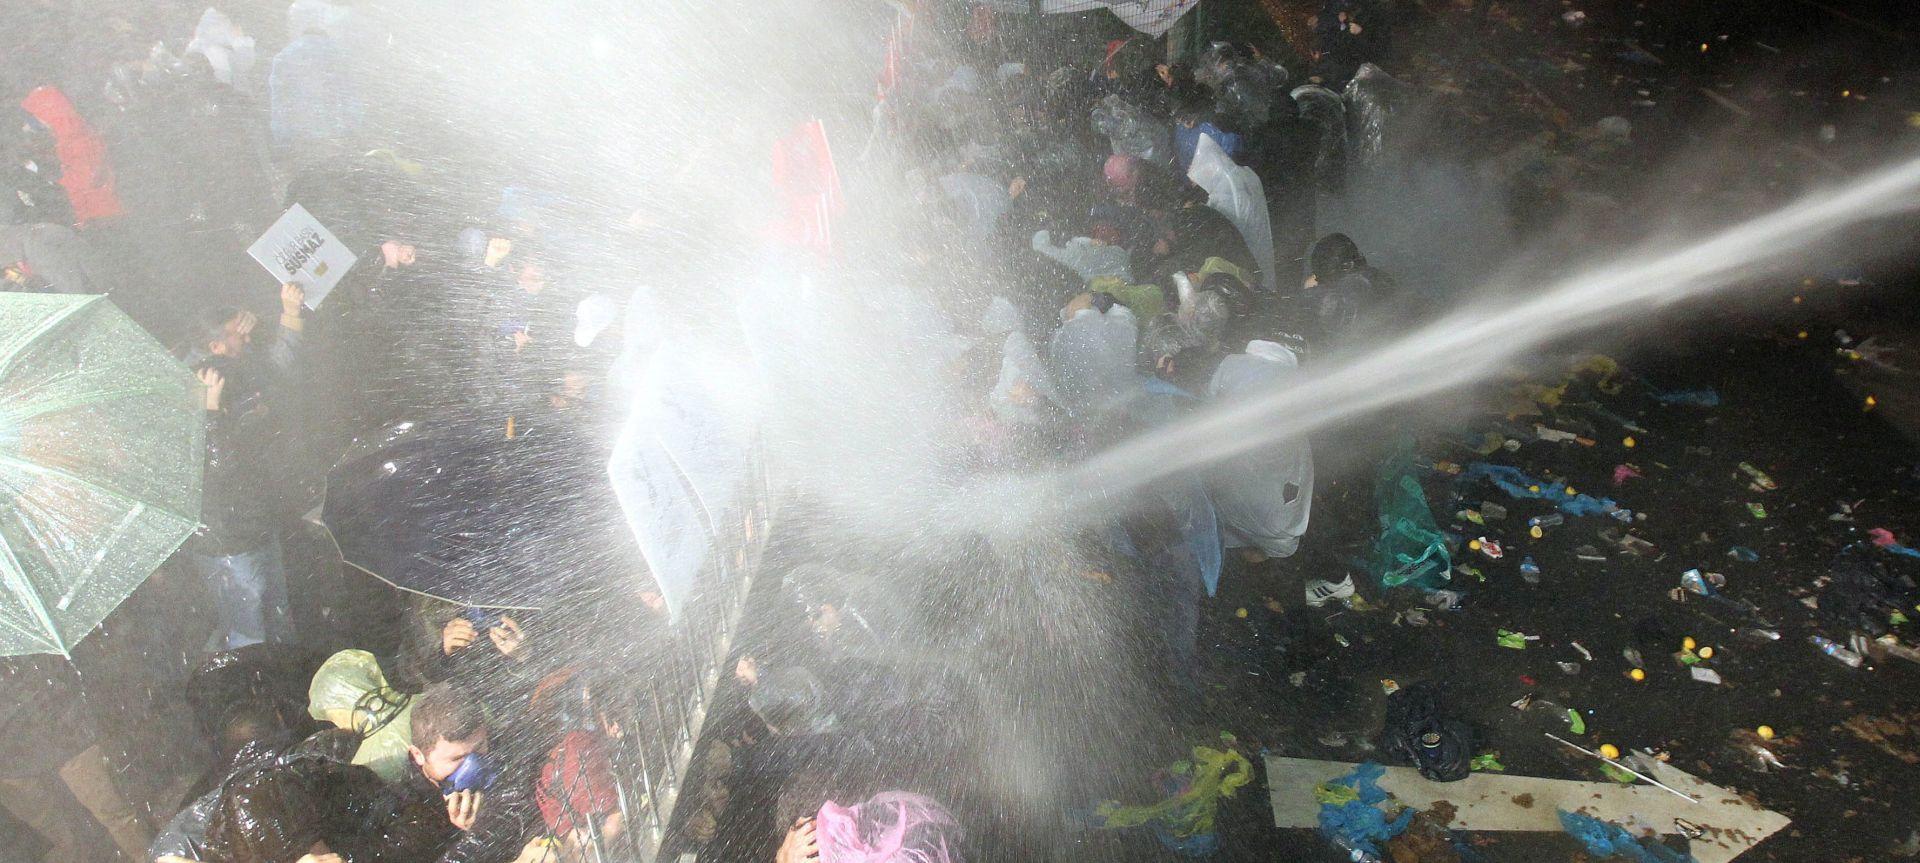 UNATOČ MEĐUNARODNIM KRITIKAMA: Turska policija bacala suzavac drugi dan zaredom nakon zauzimanja lista Zaman